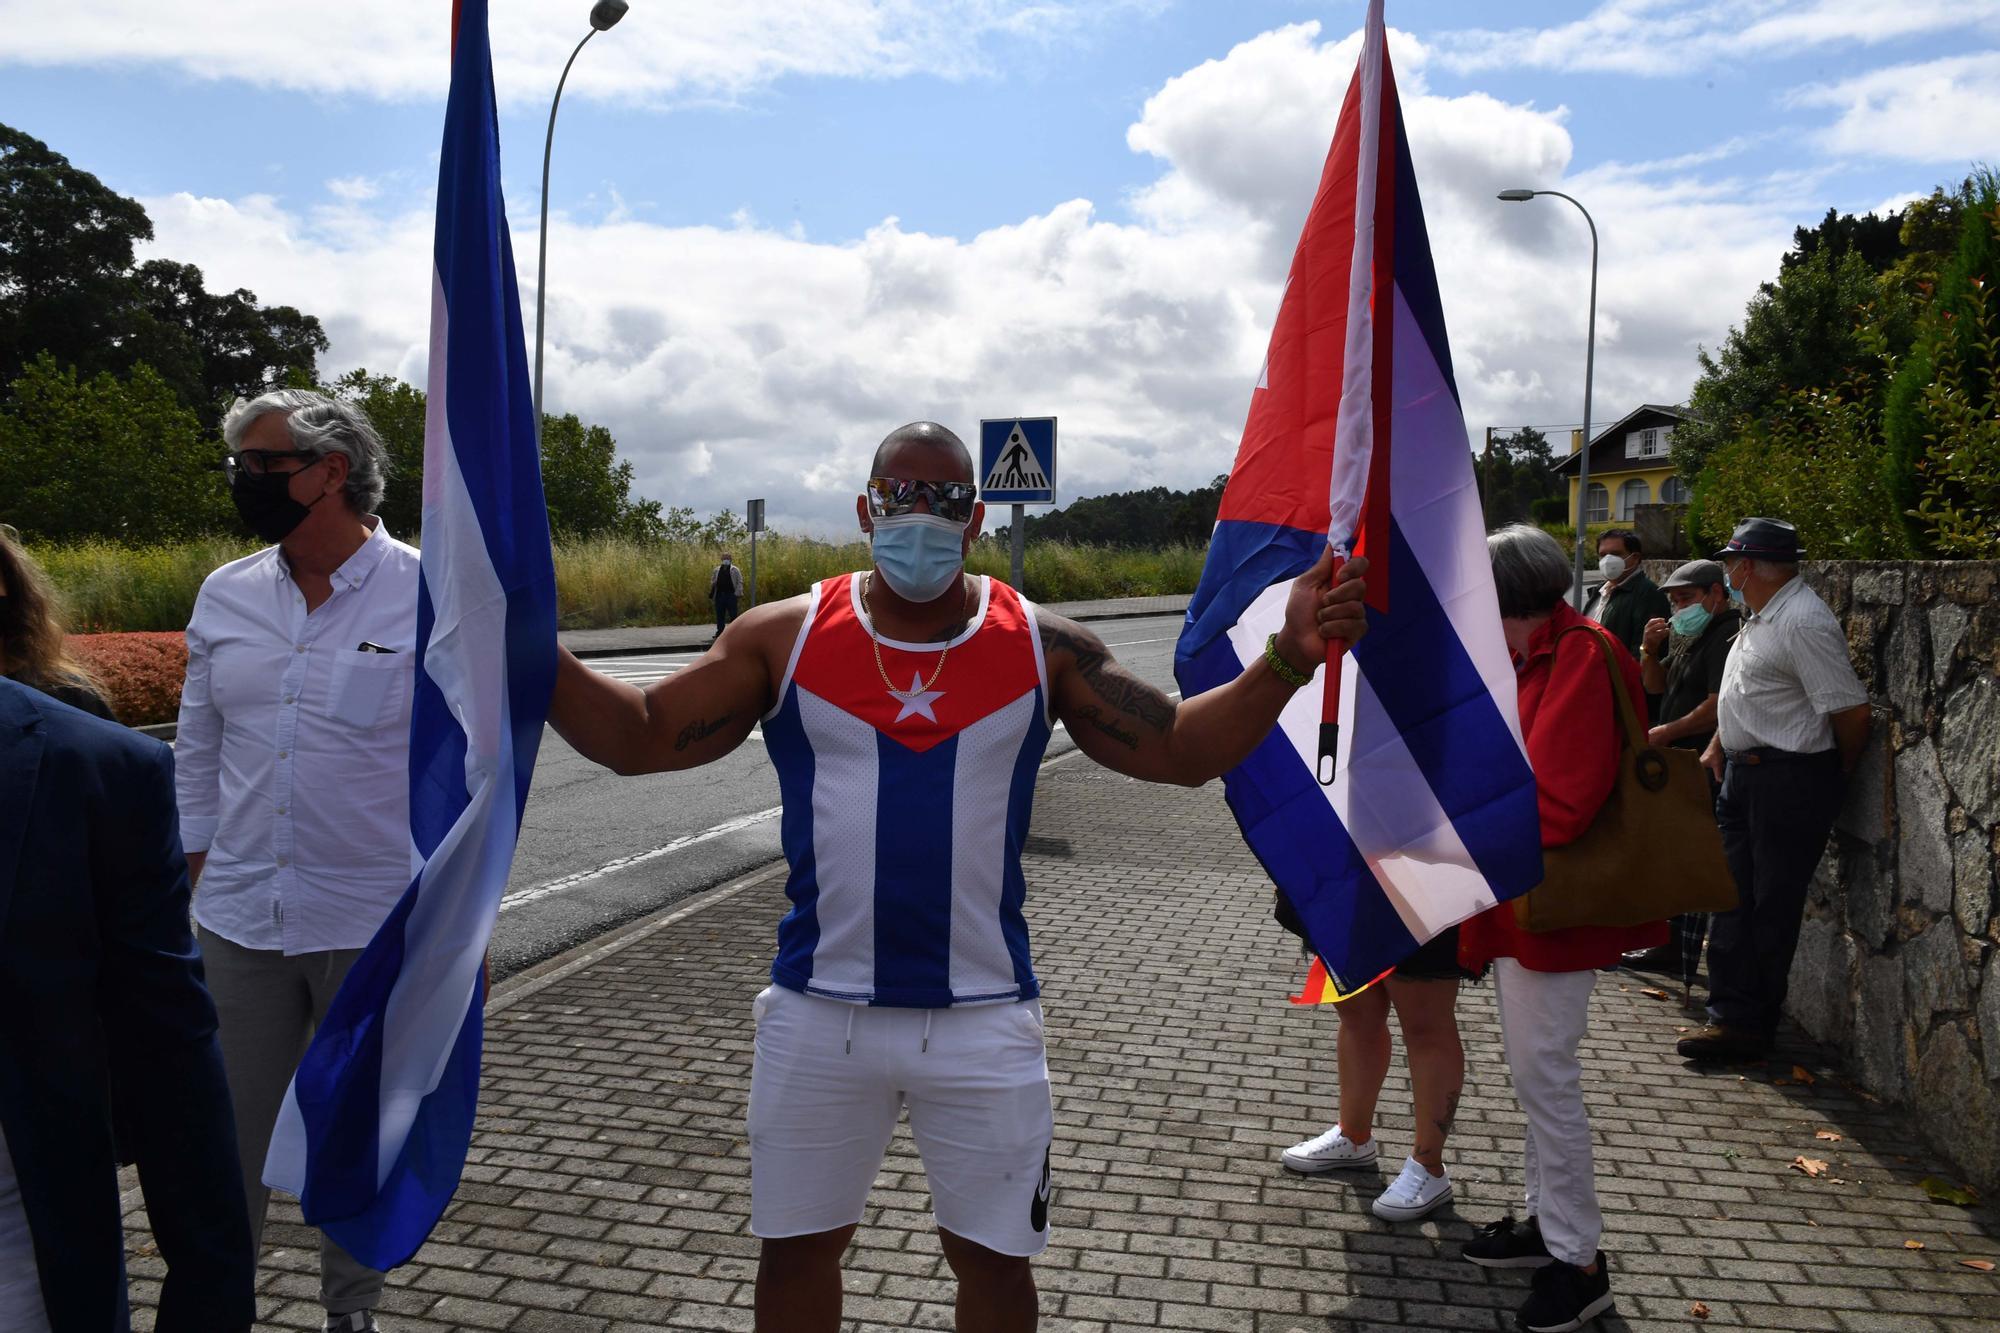 Concentración de cubanos contra la represión en Cuba y la estatua de Che Guevara en Oleiros